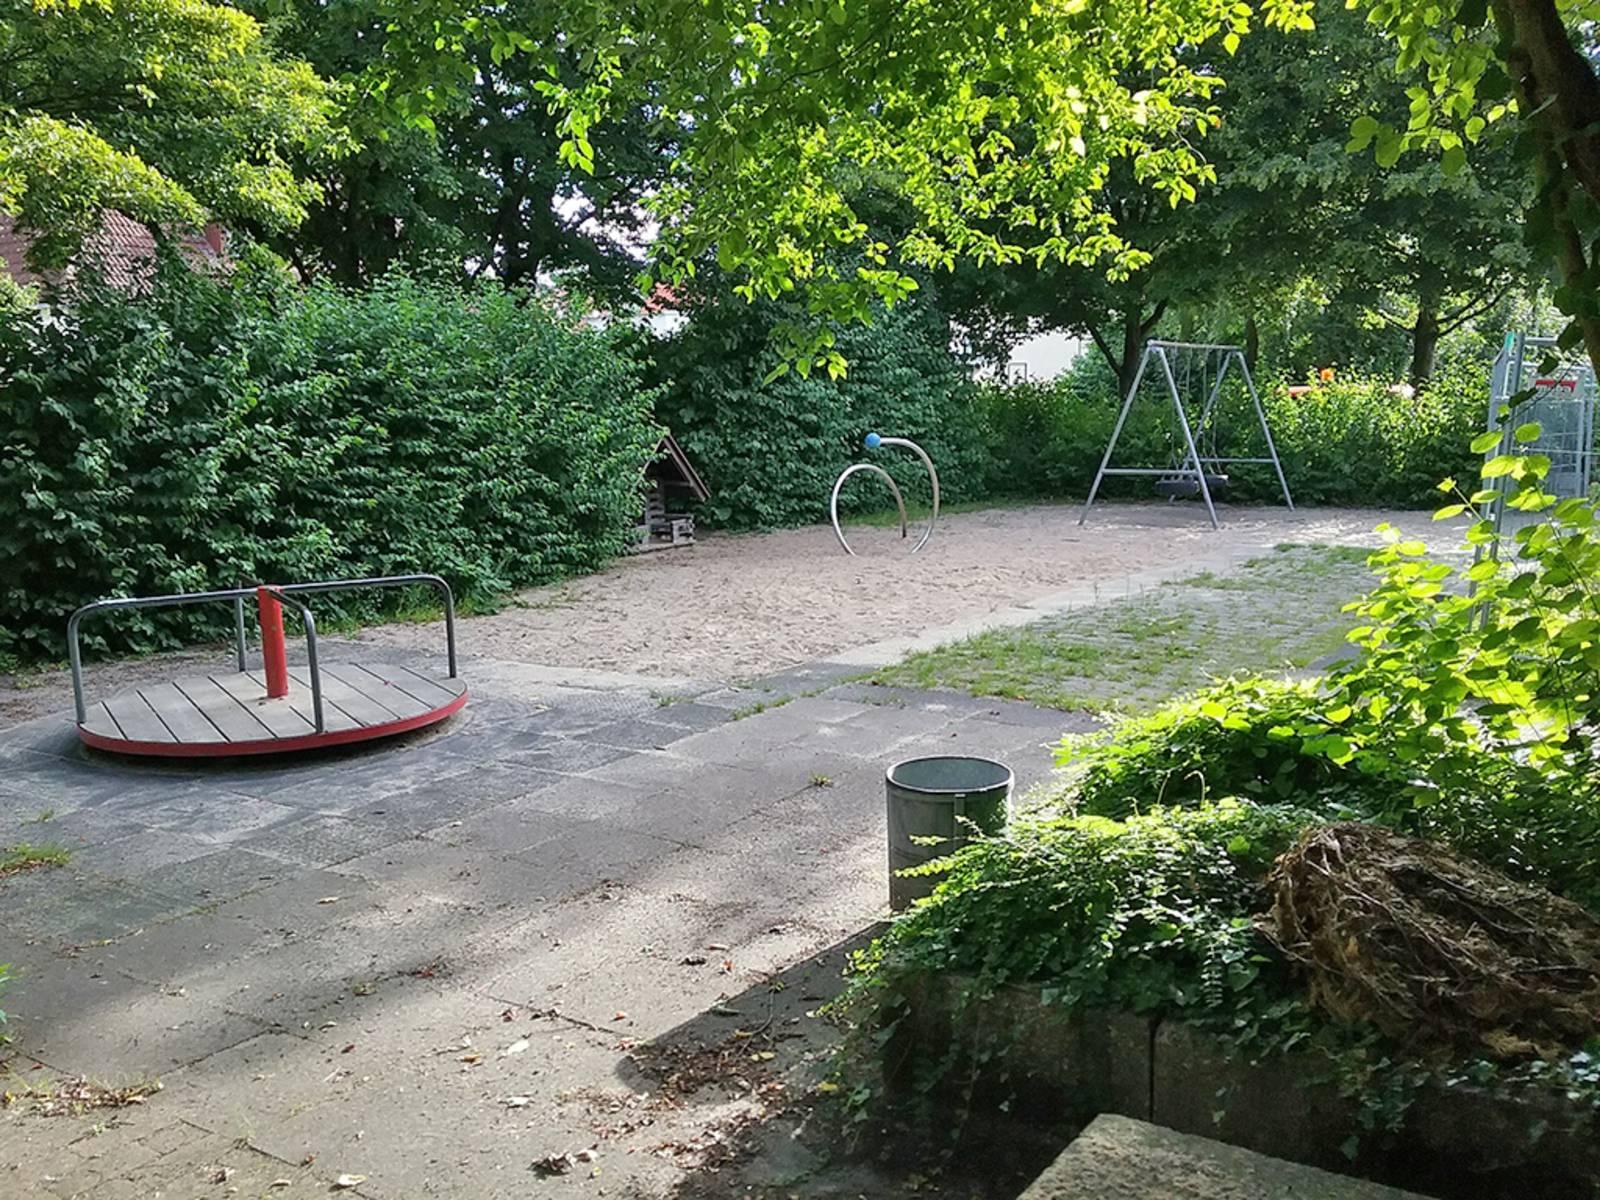 Mehrere Spielgeräte auf einem Spielplatz, der von grünen Büschen umgeben ist